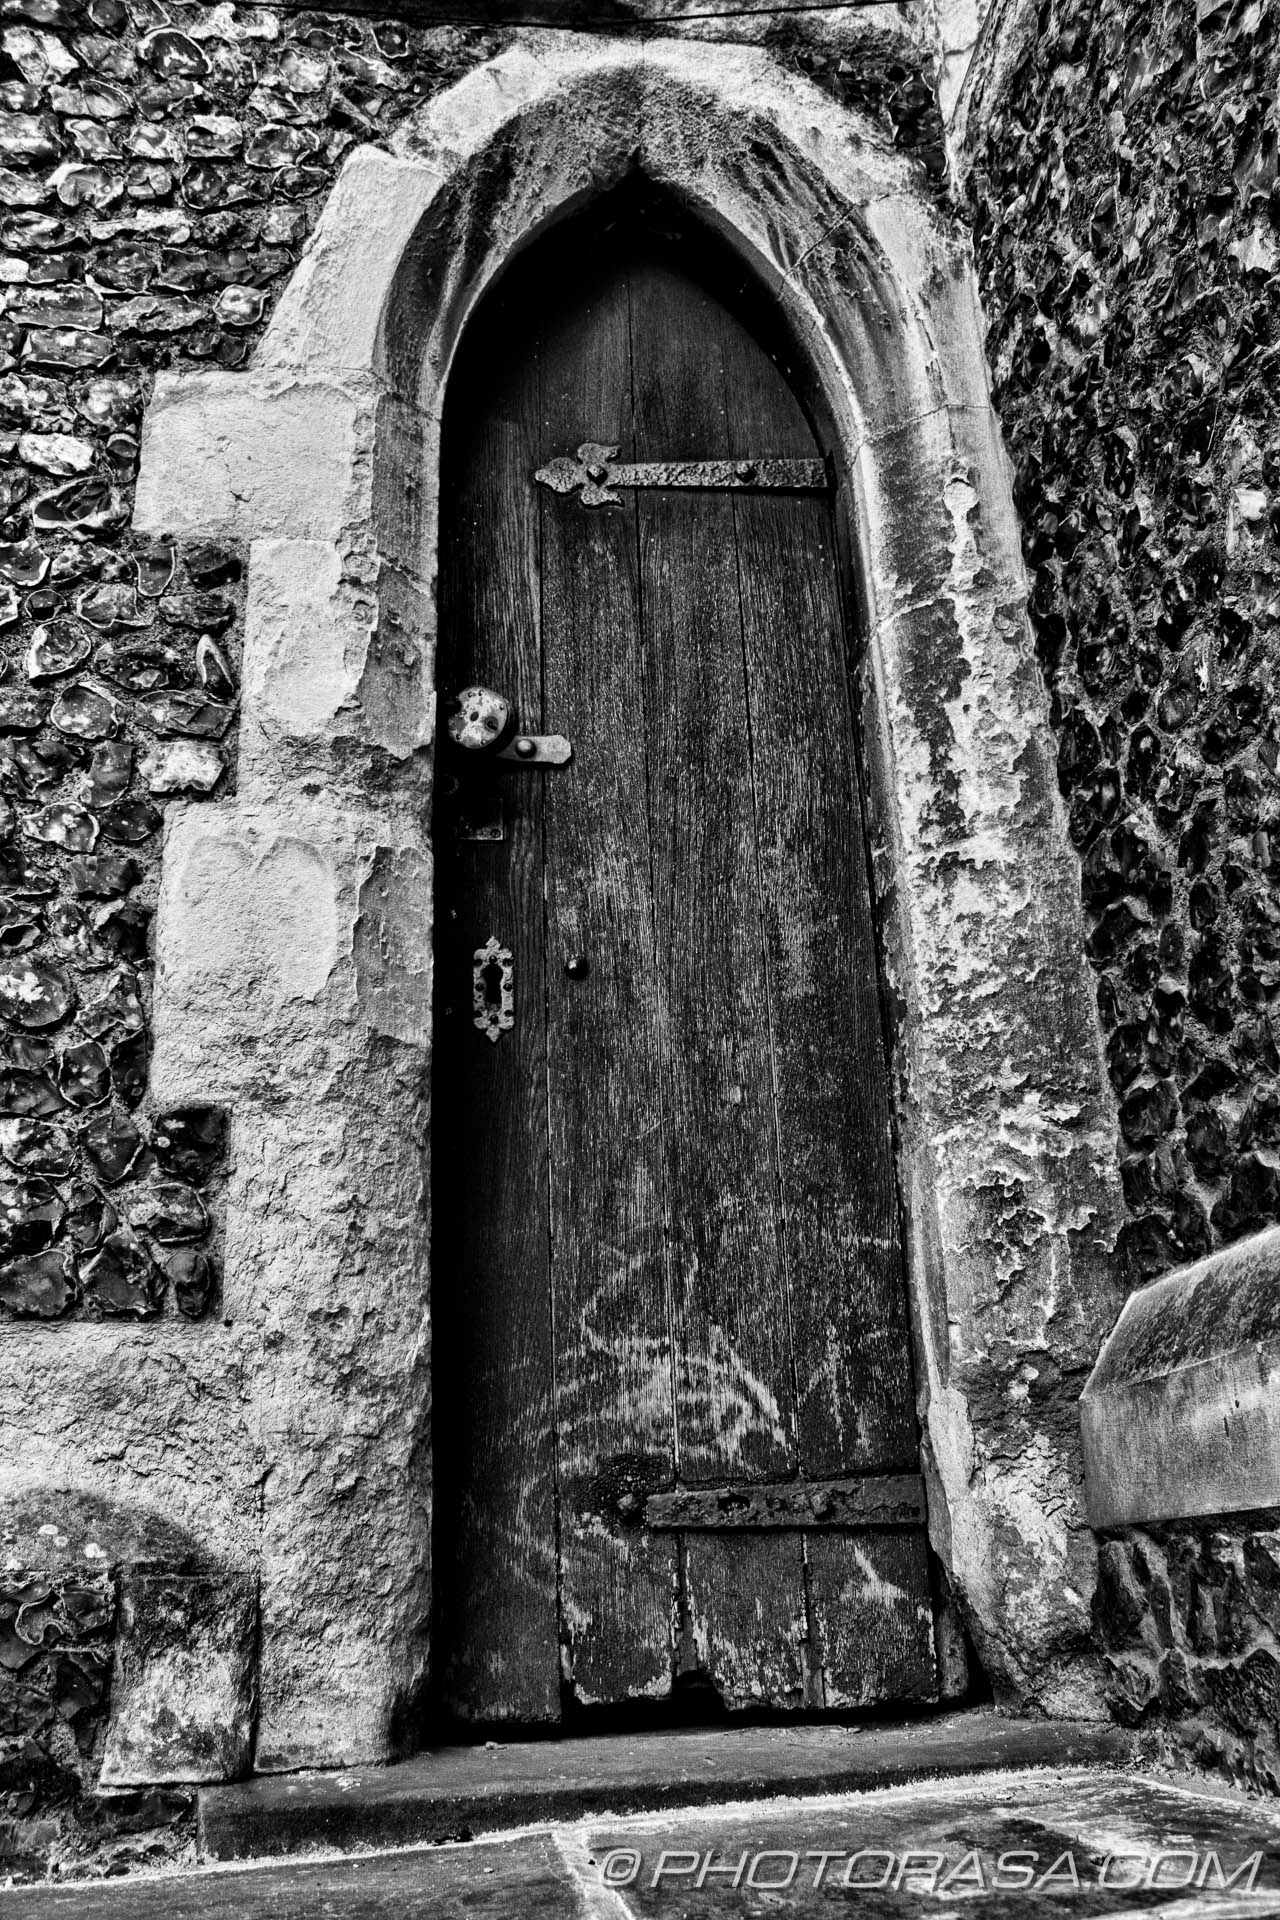 http://photorasa.com/canterbury-trip/narrow-old-door/